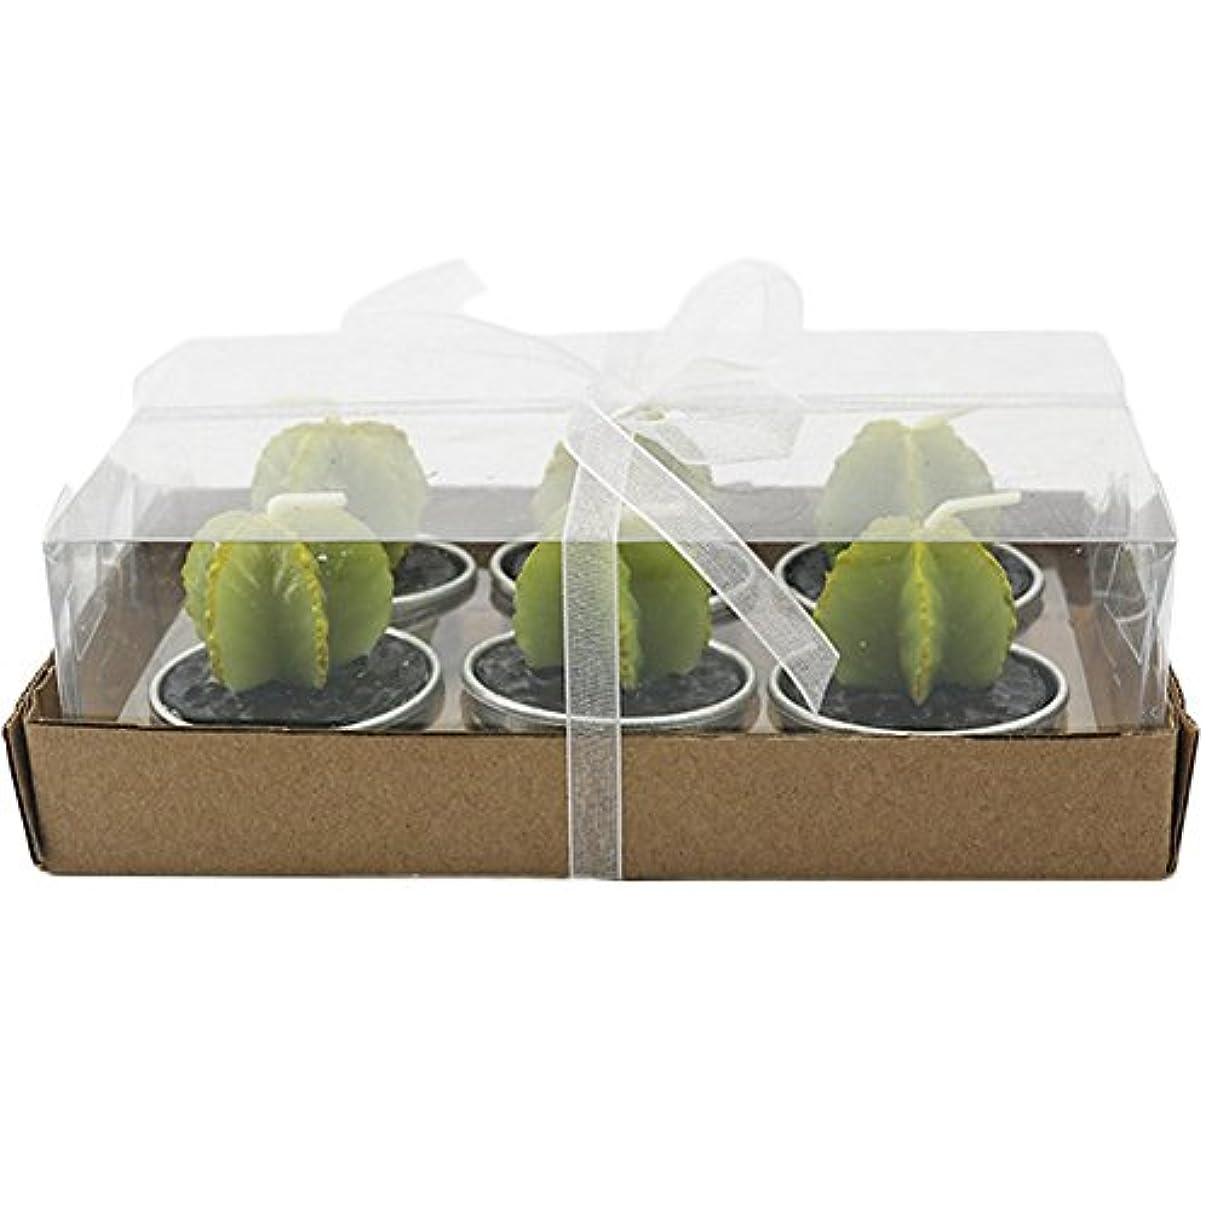 収益爬虫類ジャケットoutflower 6pcs Cactus CandleミニキュートSucculent Candleティーライト誕生日クリエイティブキャンドル装飾キャンドル 4.2x4.2x4cm 305RRSWL2MBQ91715J